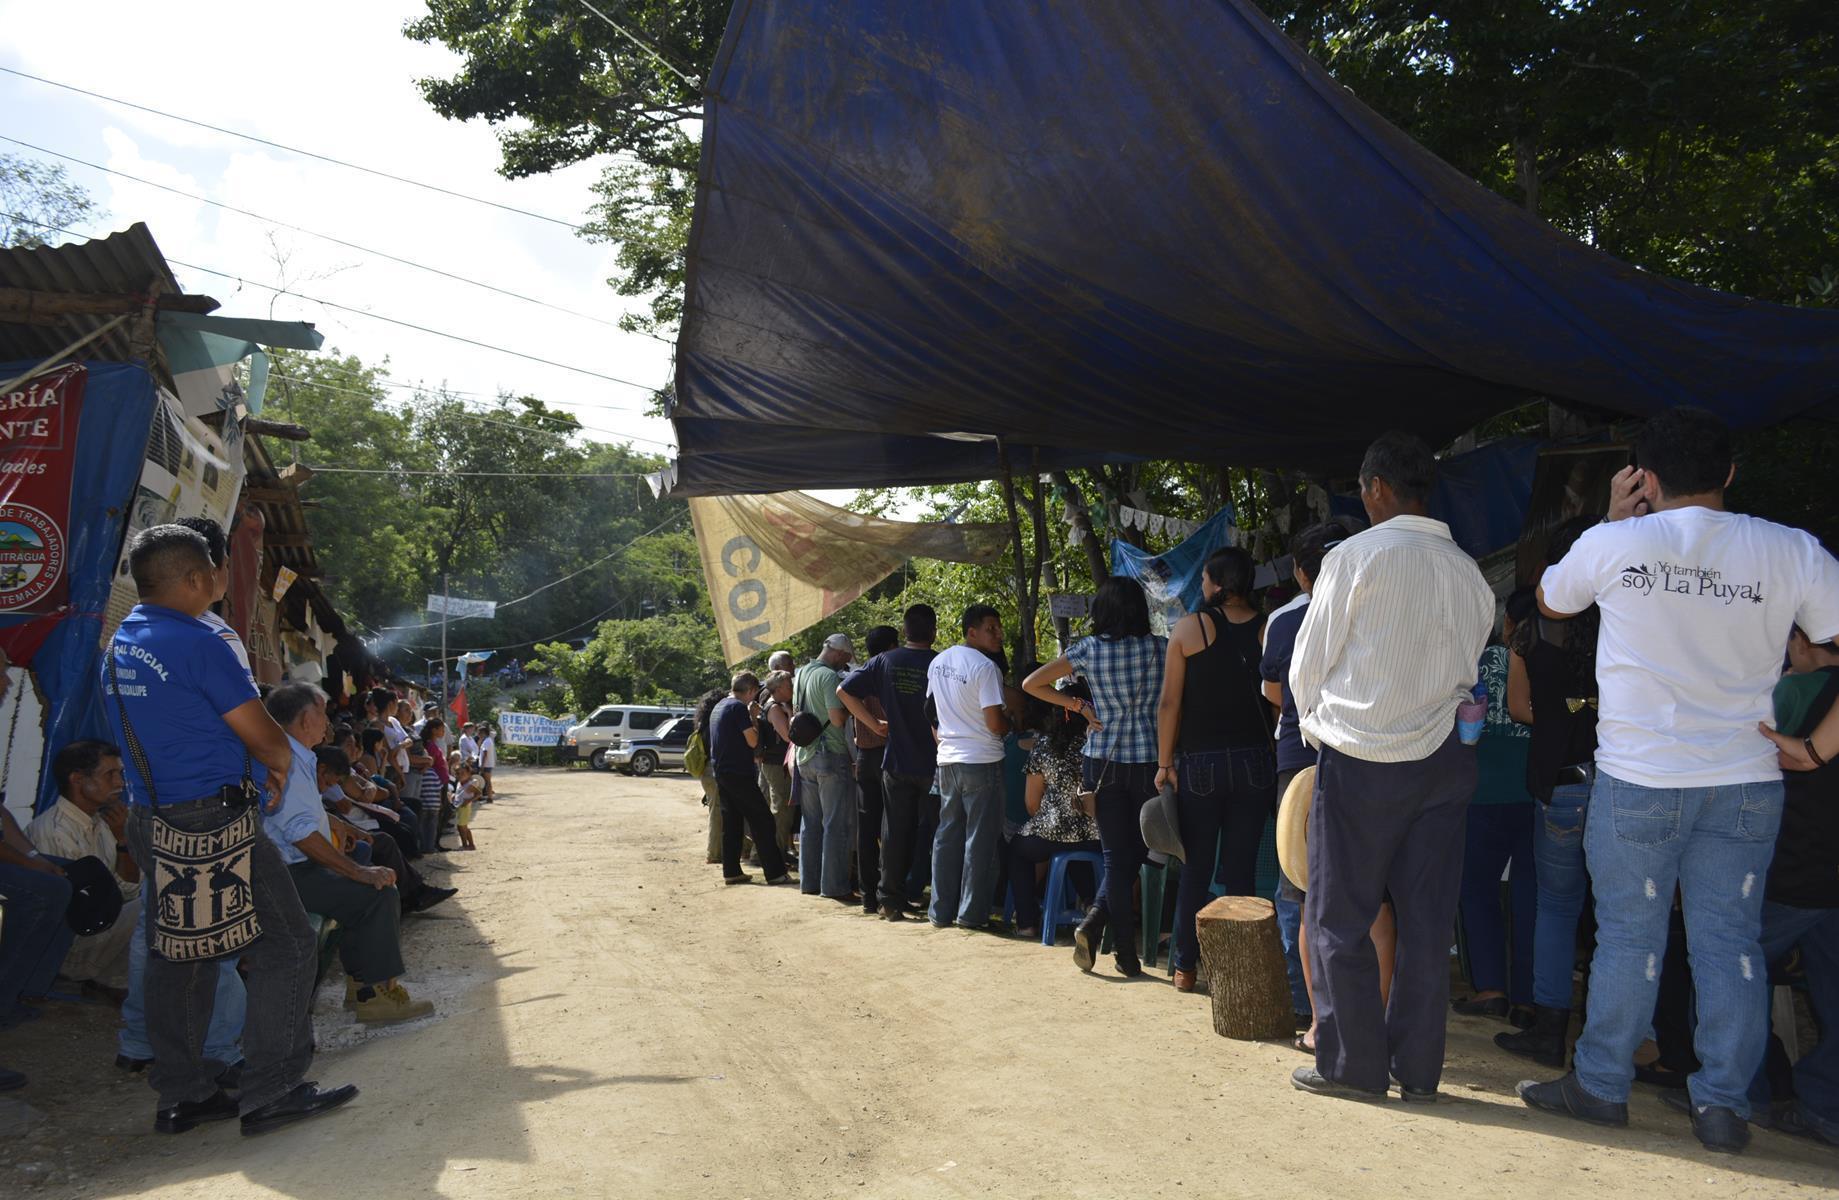 The camp at La Puya